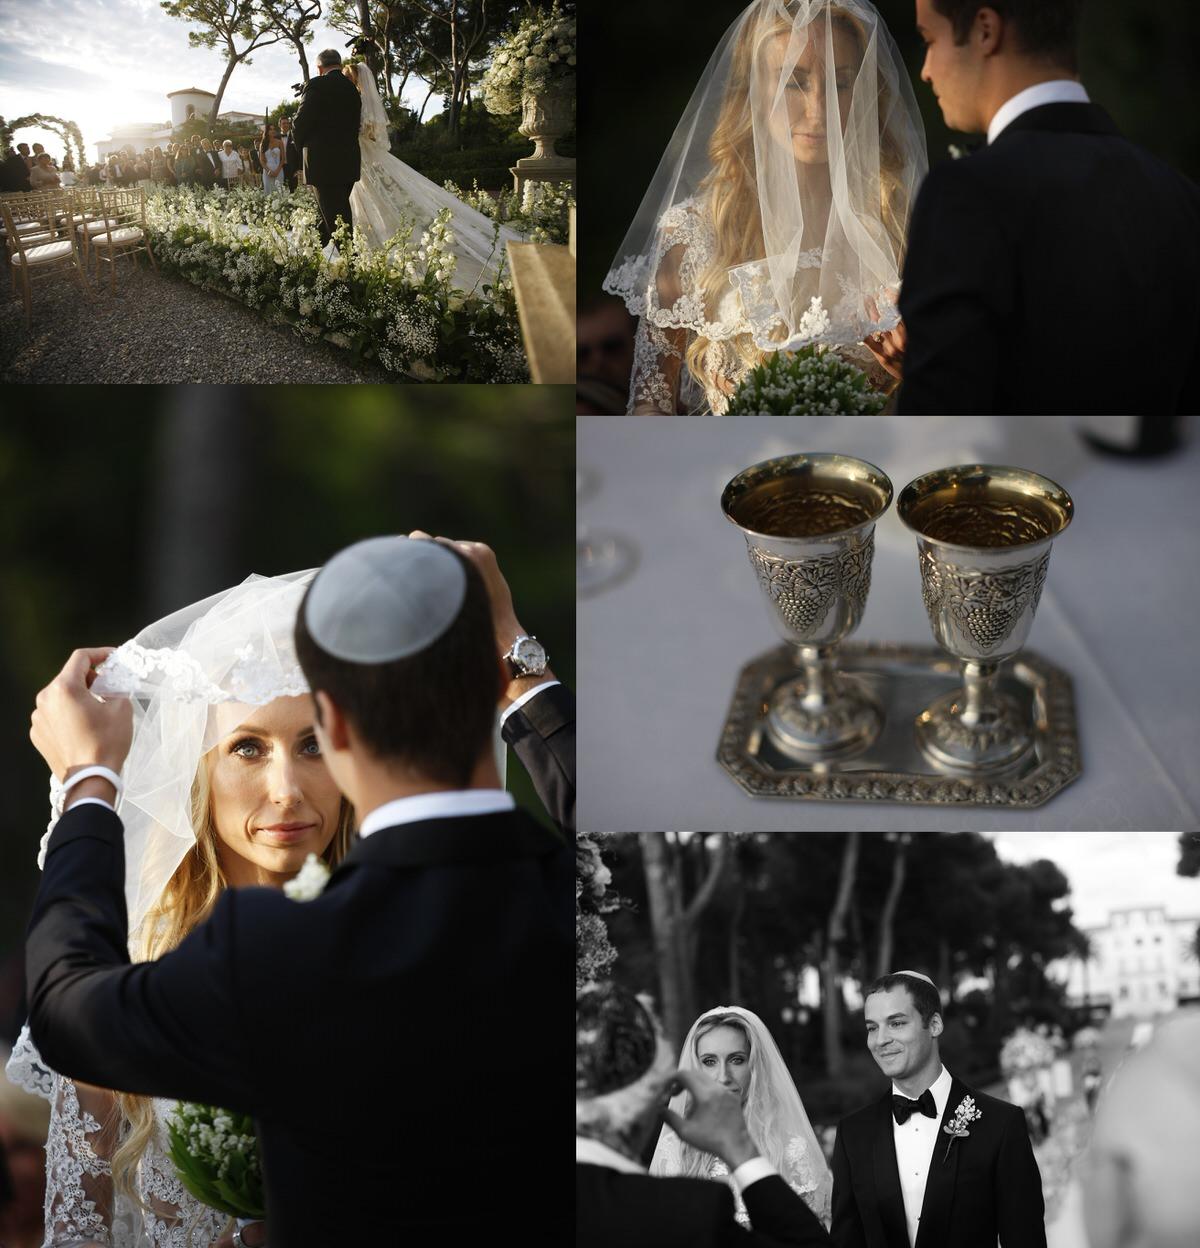 french-wedding-wedding-in-france-destination-wedding-photographer_0016.jpg